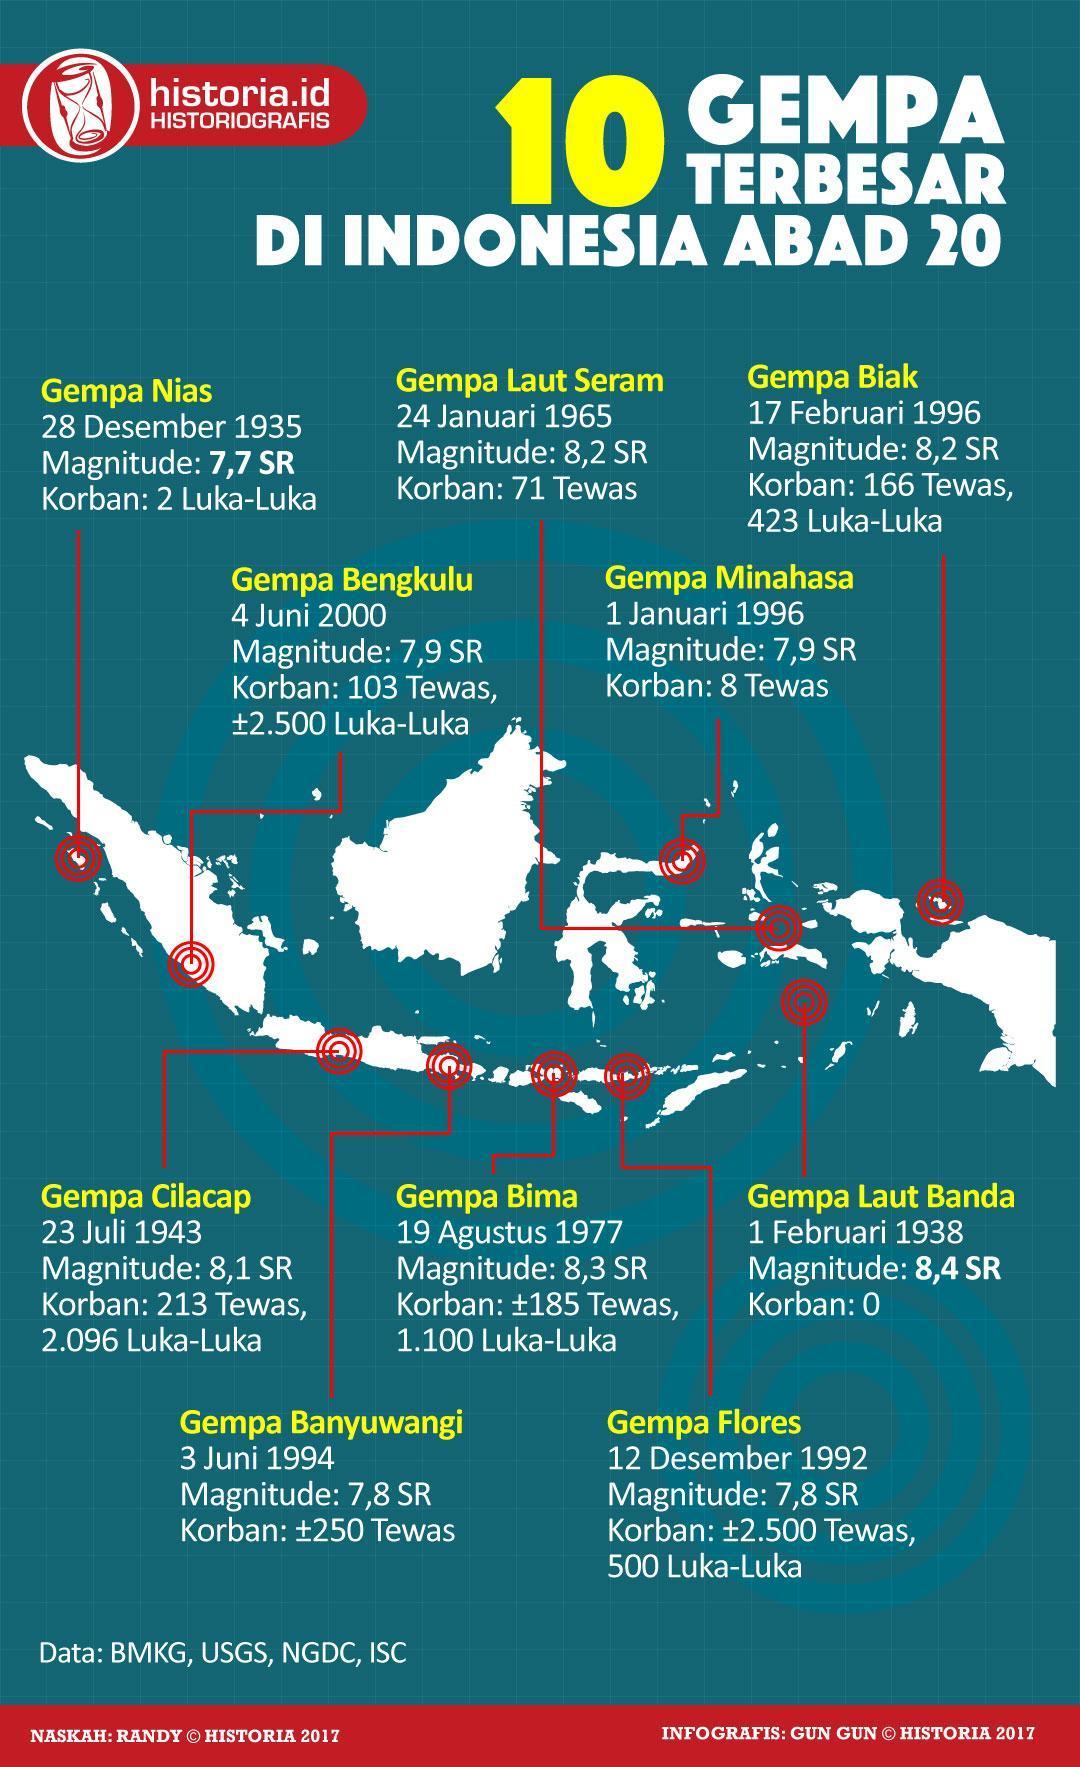 10 Gempa Terbesar Yang Terjadi Di Indonesia Pada Abad ke-20